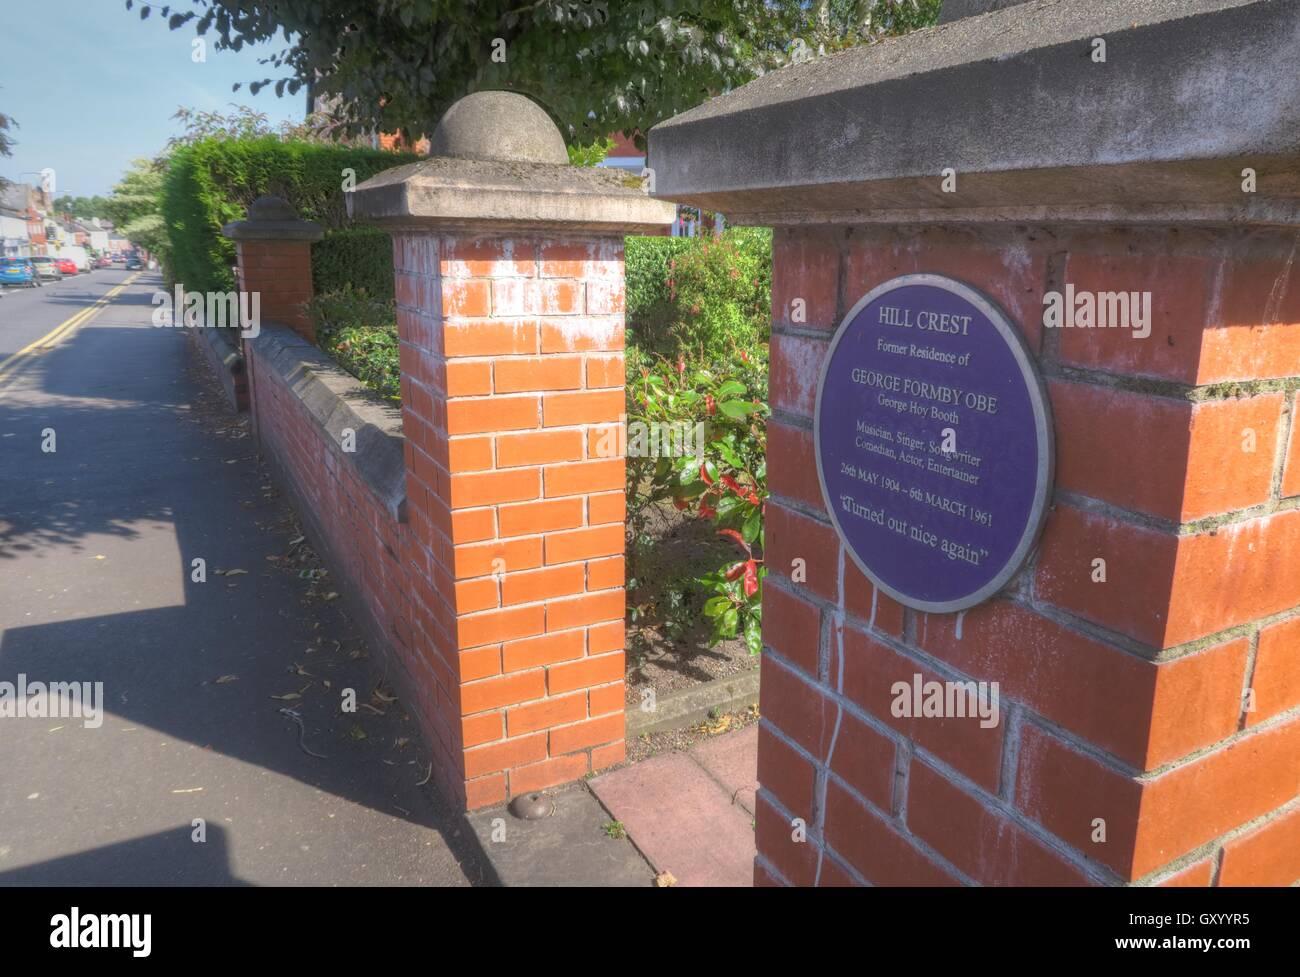 Laden Sie dieses Alamy Stockfoto Hill, Crest, Wohnsitz von George Formby OBE, Stockton Heide, Warrington, Cheshire, England - GXYYR5